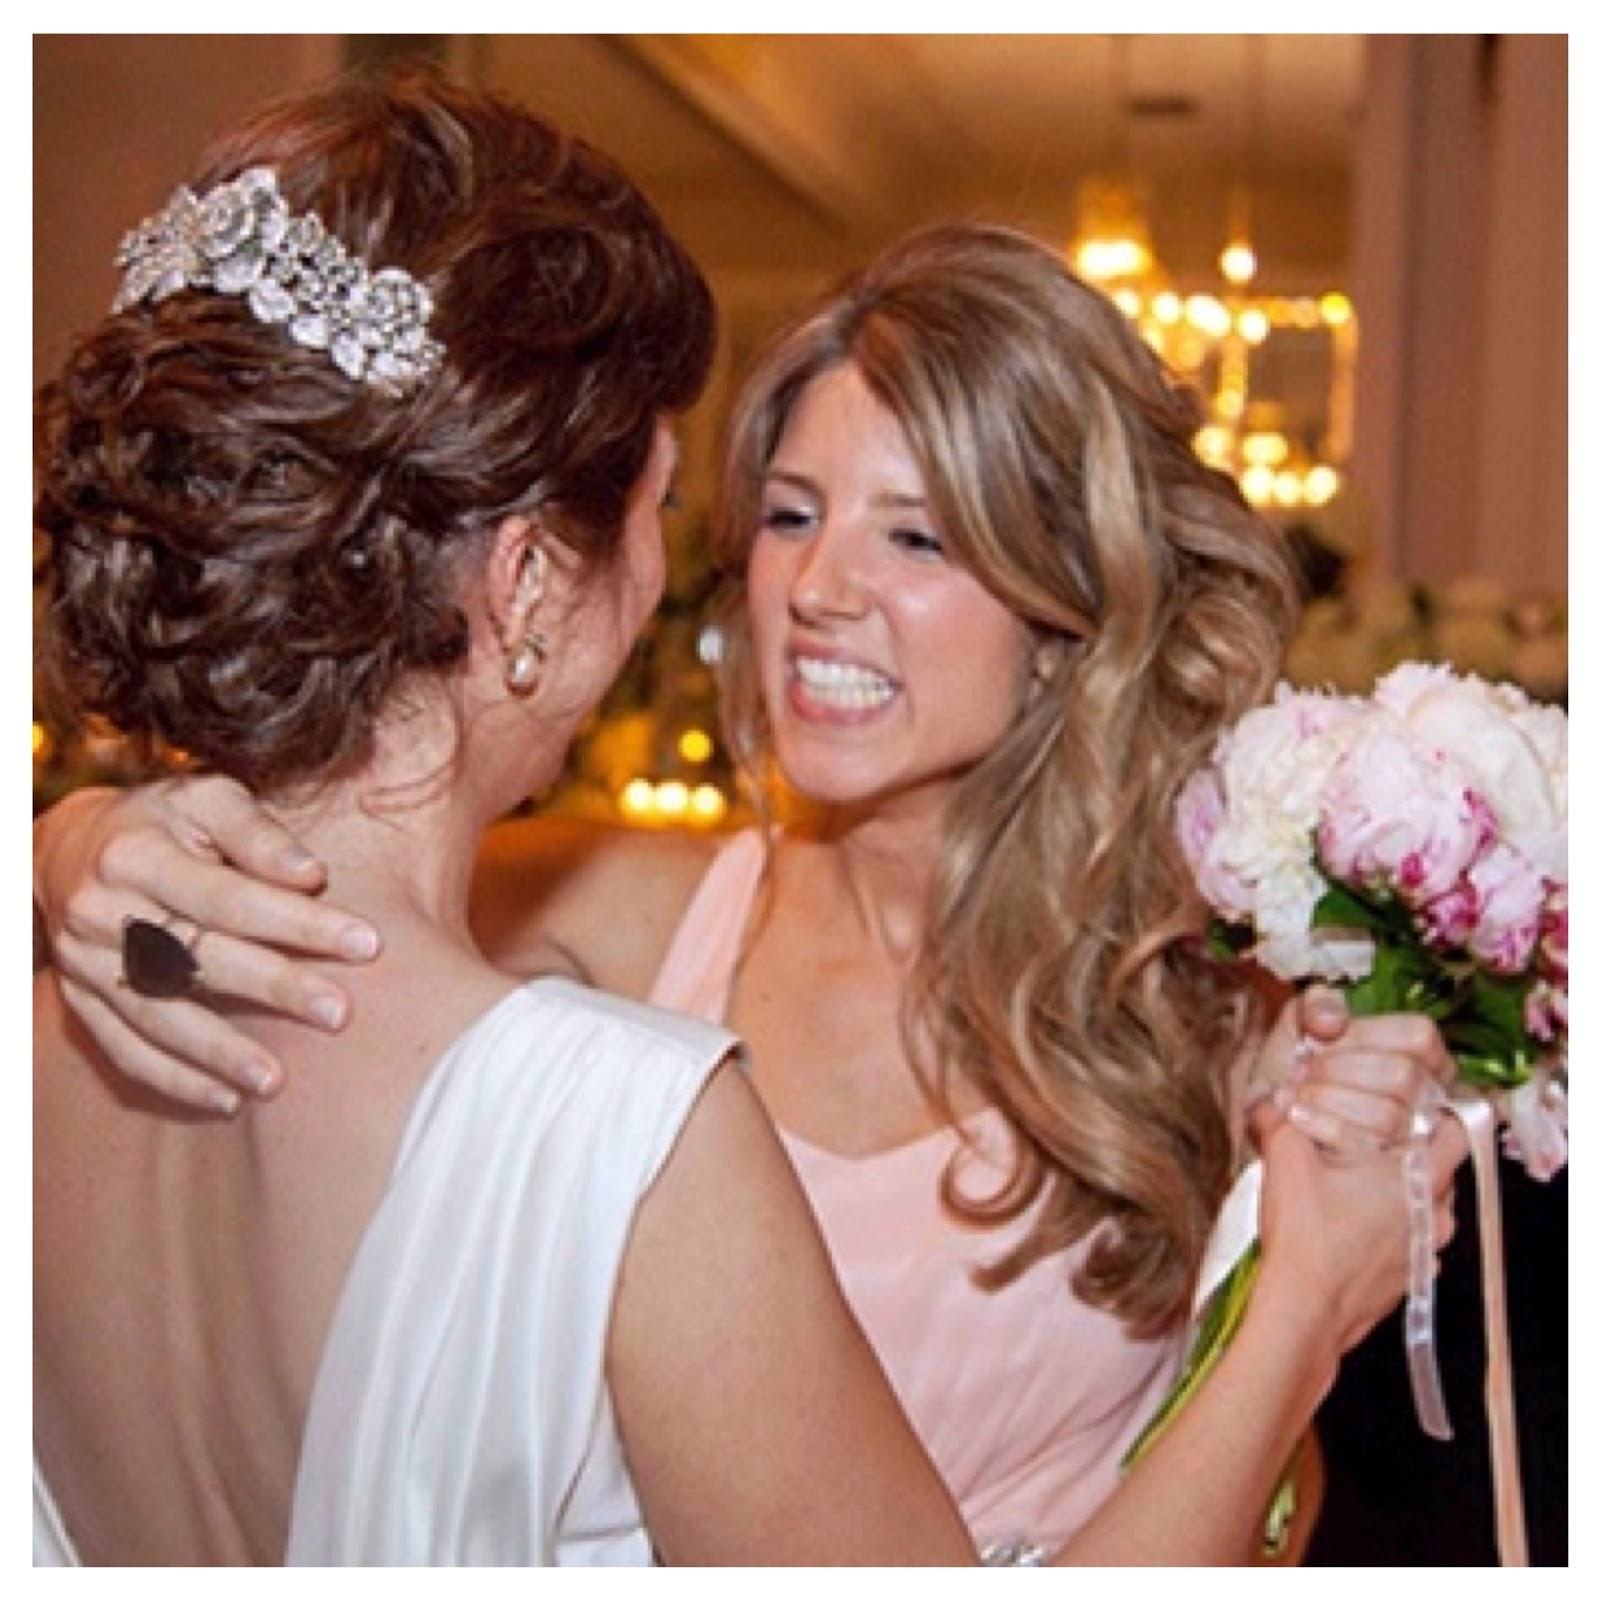 1000 detalles para mi boda c mo o a qui n regalo mi ramo for Regalos para hermanos en boda